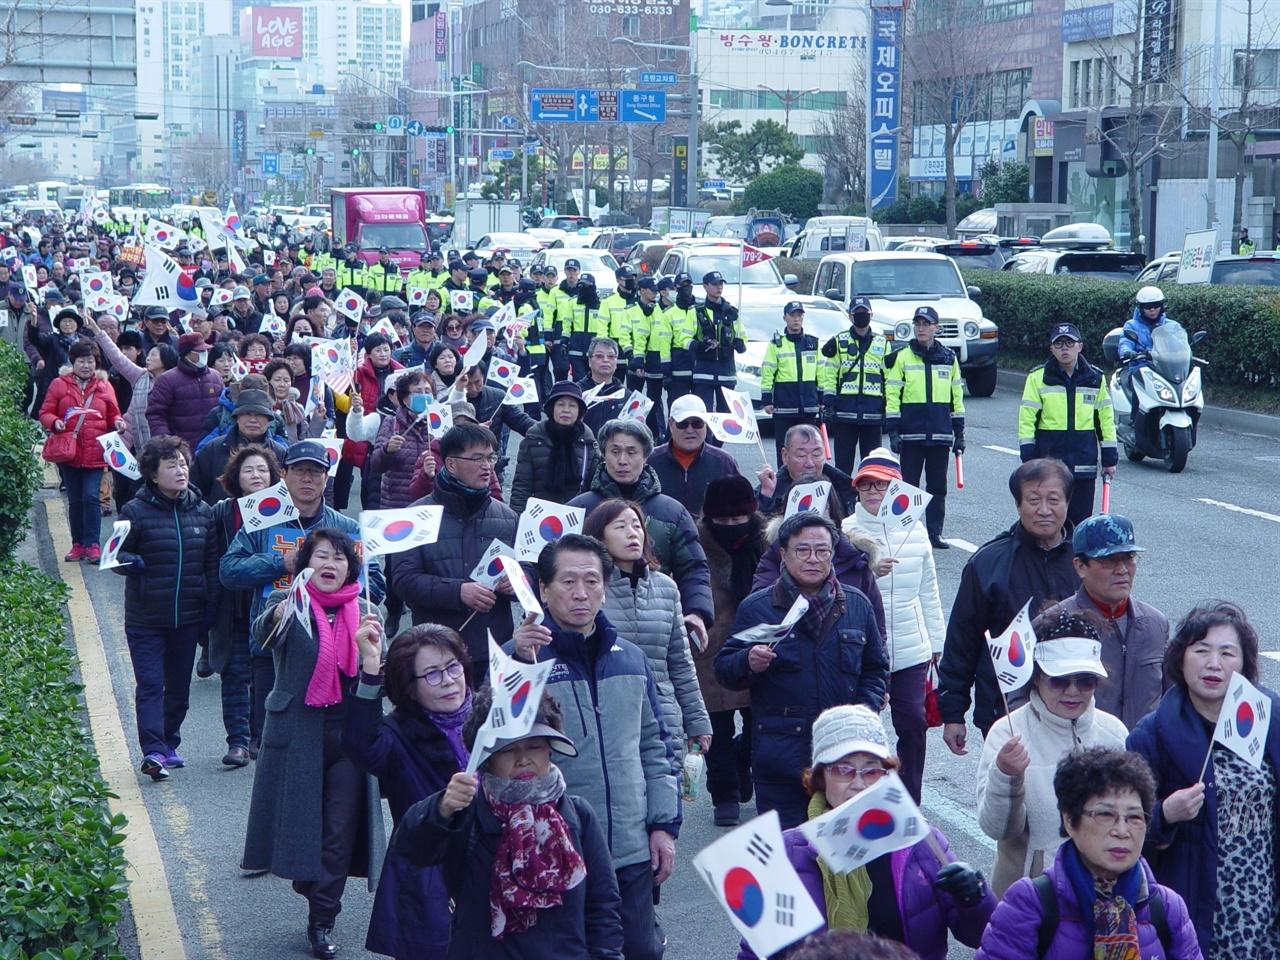 부산 집회에 참여한 박사모 회원들 부산지방경찰청에서 제공한 자료에 따르면 이날 참여 인원은 4000명으로, 다양한 연령대가 주로 참여를 했지만, 주로 어르신들의 참여율이 높았다.